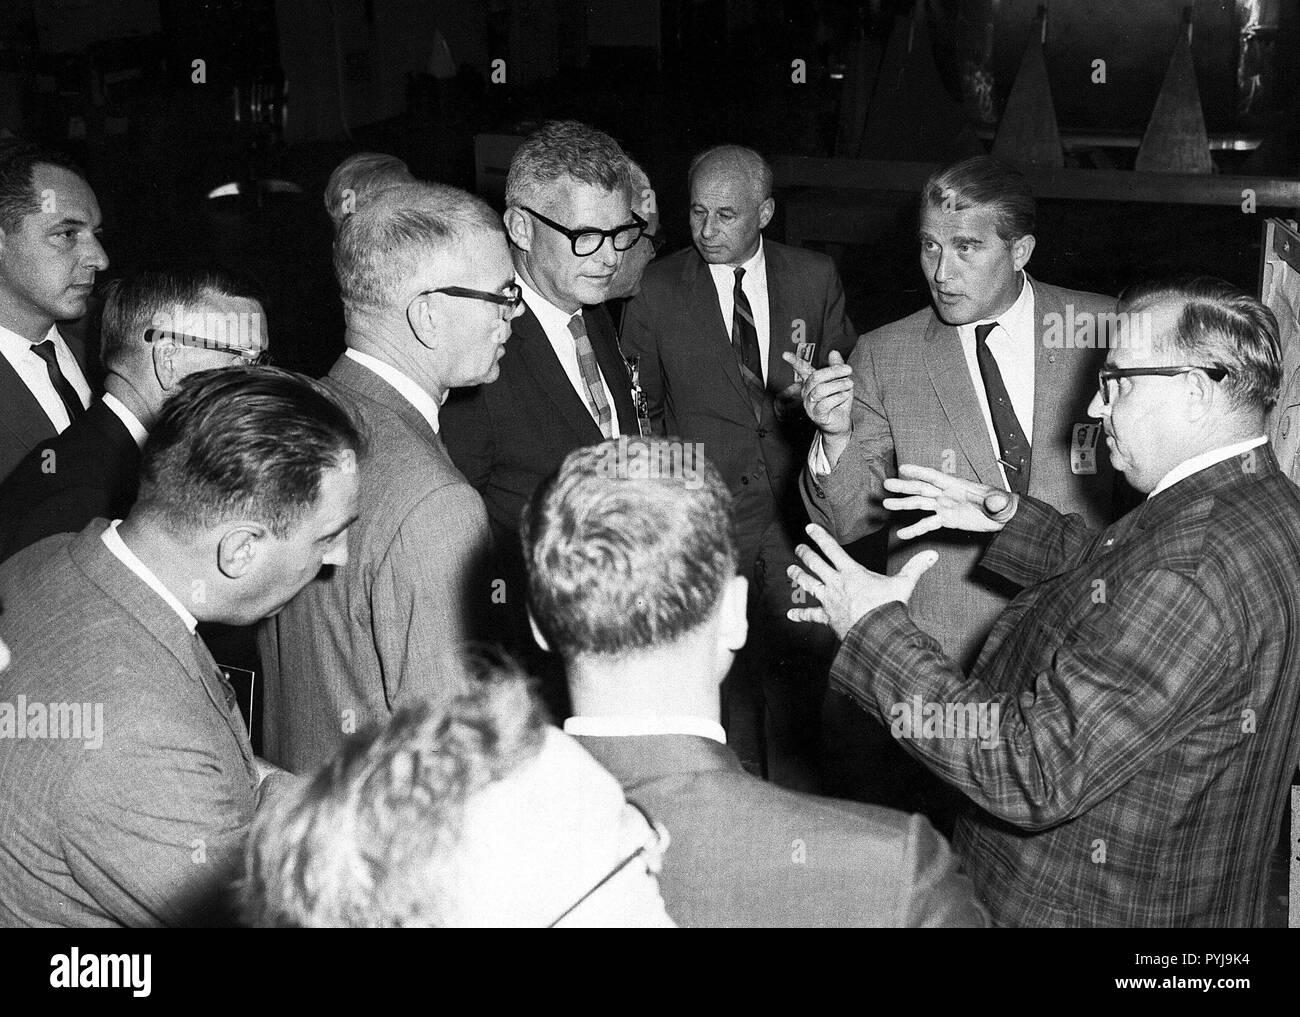 Eine Gruppe von Bediensteten der NASA unter Leitung von Associate Administrator Robert Seamans, tourte das Marshall Space Flight Center mit Dr. Wernher von Braun (Zeigefinger) im Jahr 1963. Stockfoto